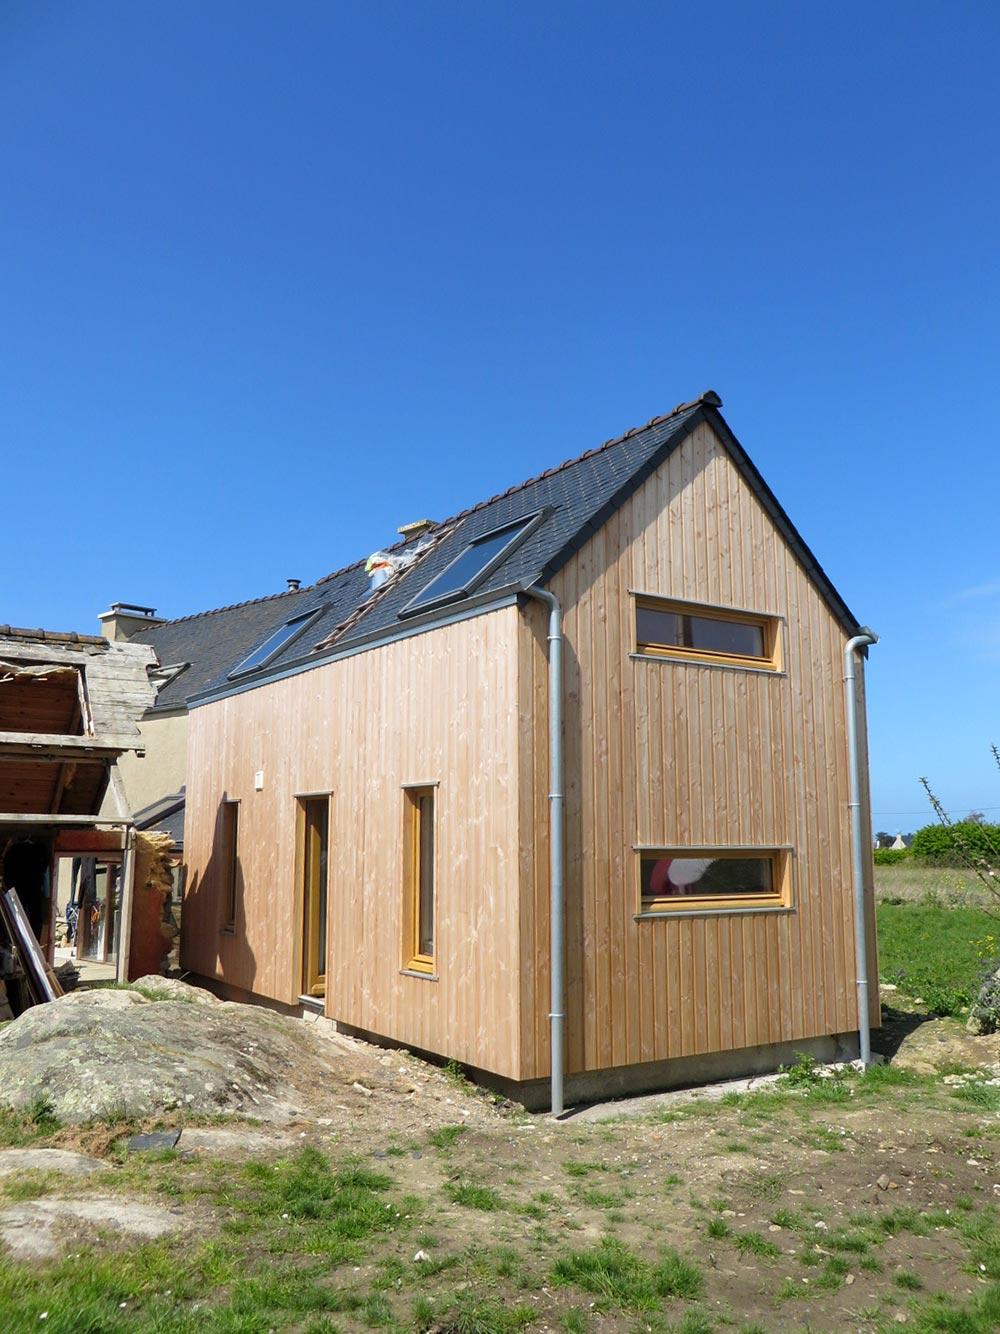 Extension Bois Finistere : Maison bois Finist?re Tr?gana – Maisons bois Acacia